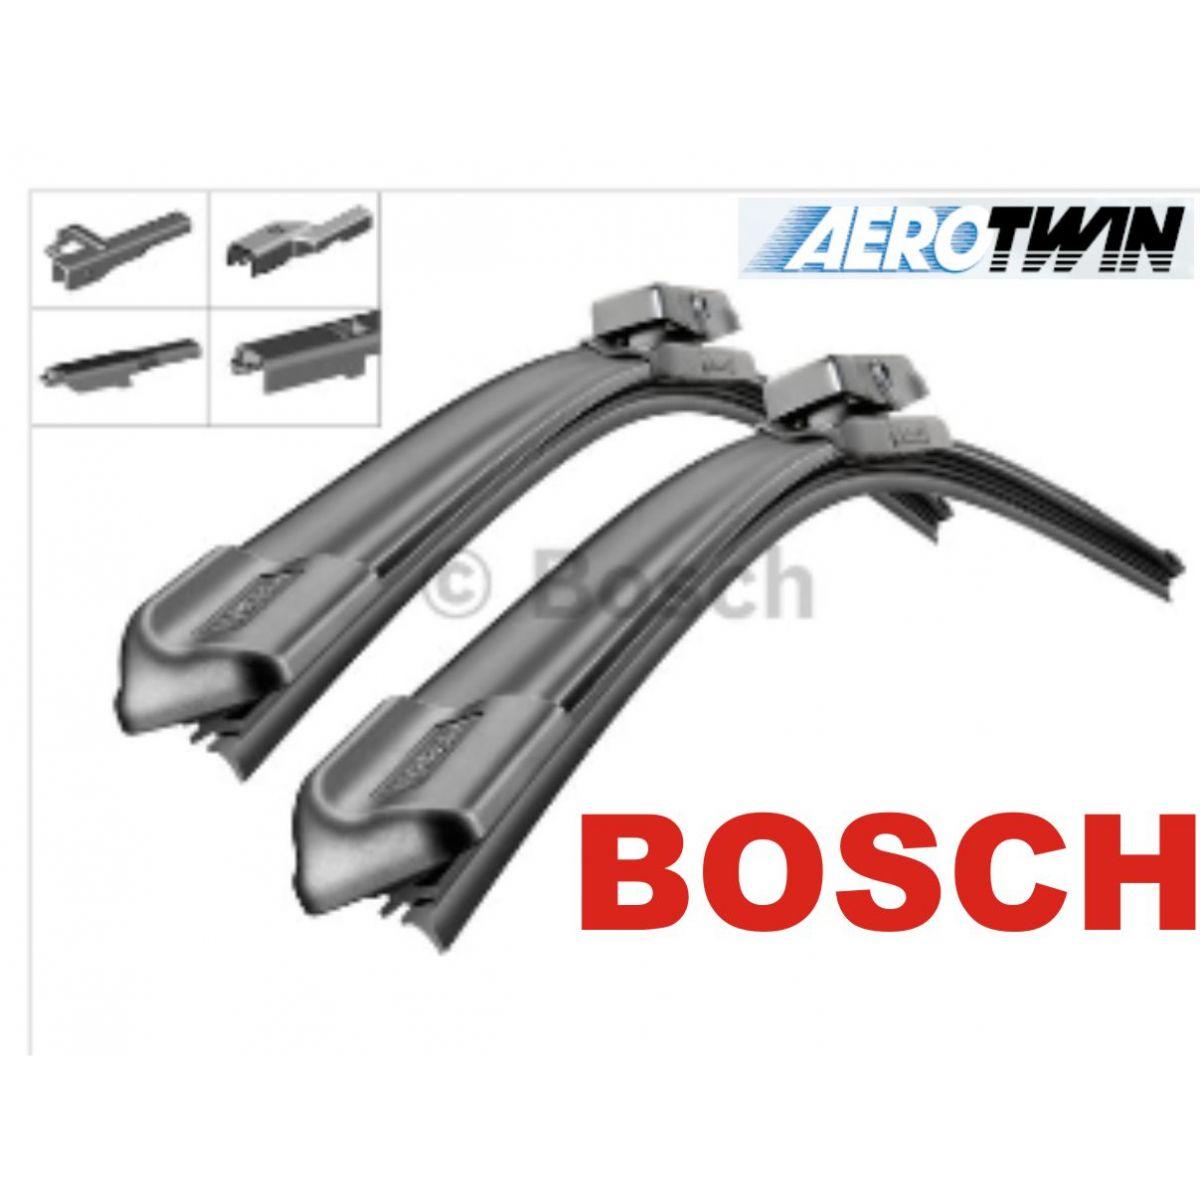 Palheta Bosch Aerotwin Plus Limpador de para brisa Bosch CLASSE GLA ANO 2013 ATÉ 07/2015